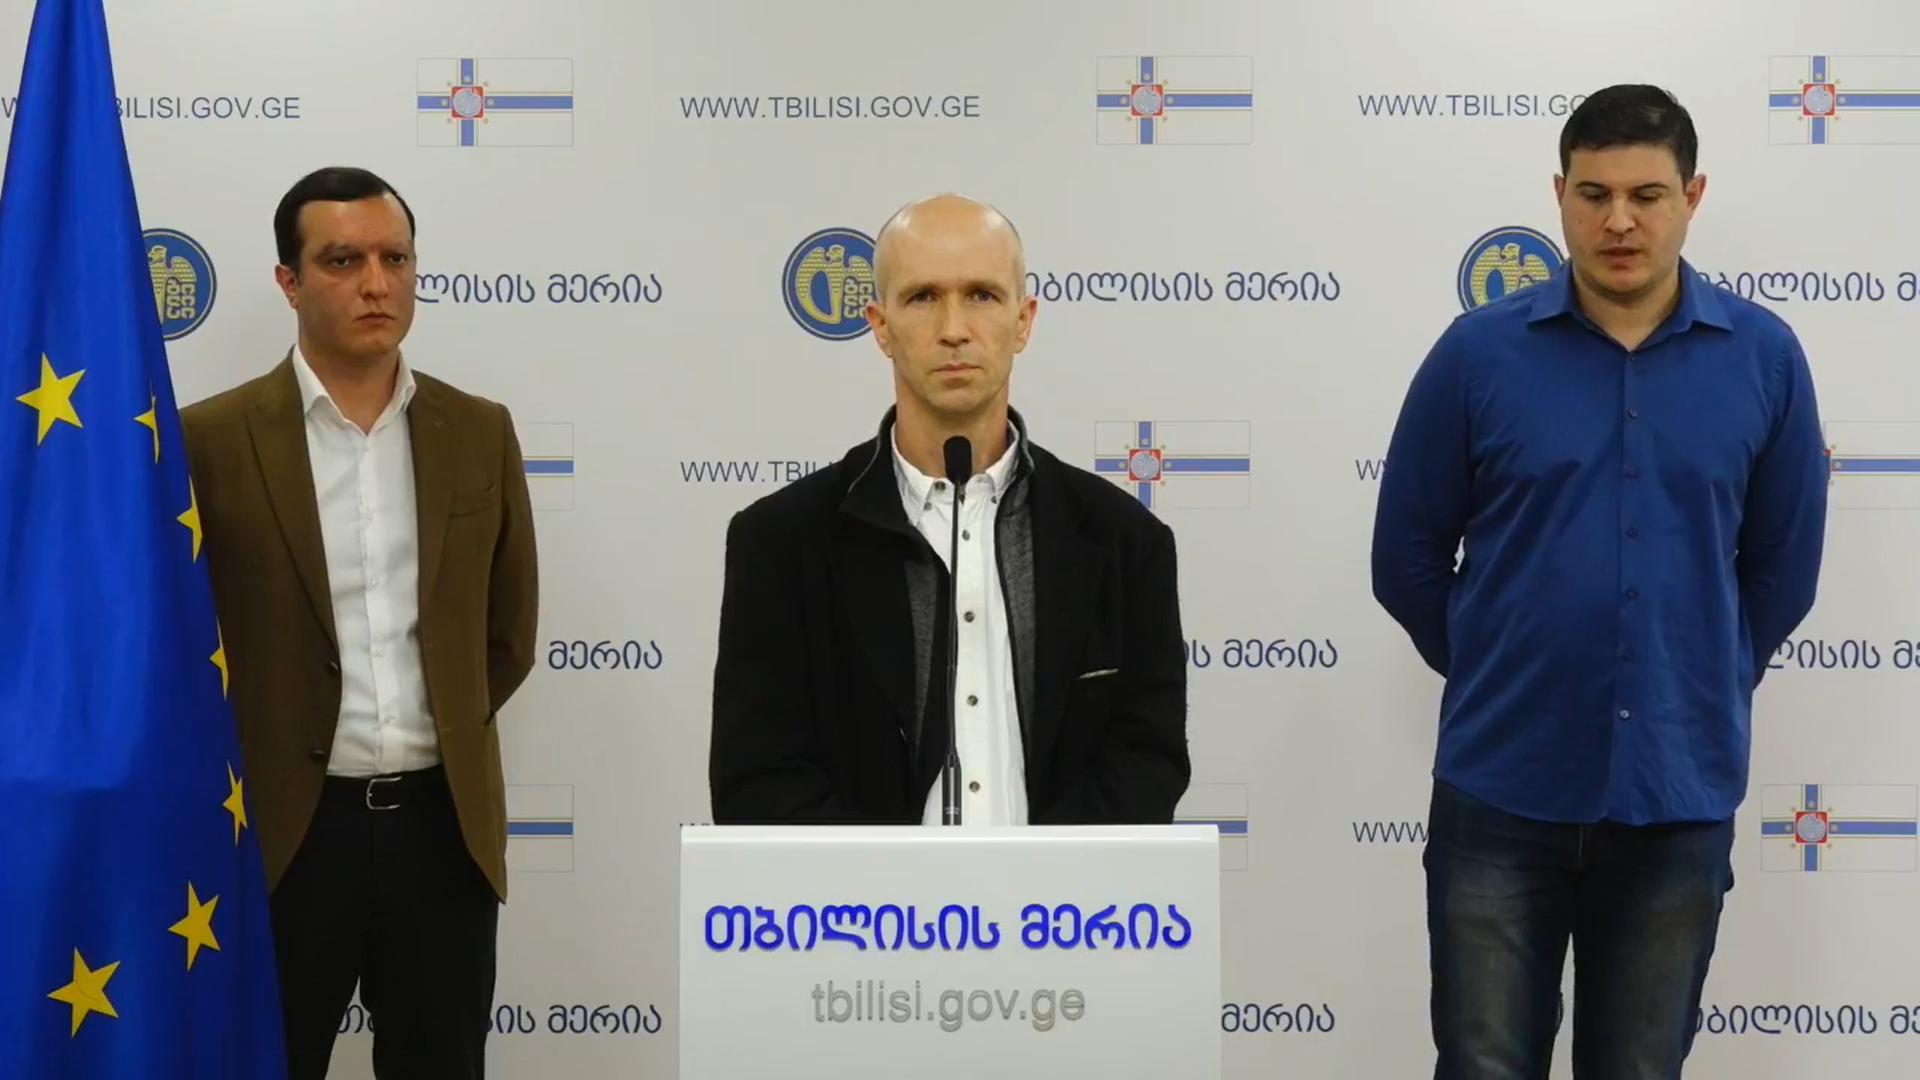 german geo #новости Вашлиджвари, Грузия, немецкие ученые, разлом, тбилиси